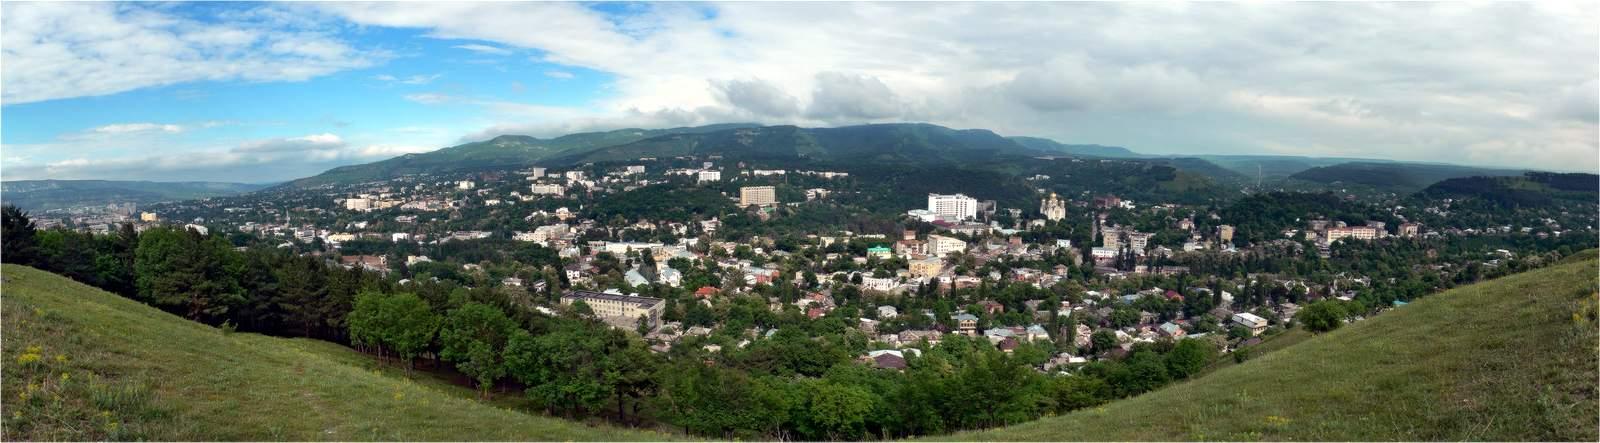 Город Кисловодск